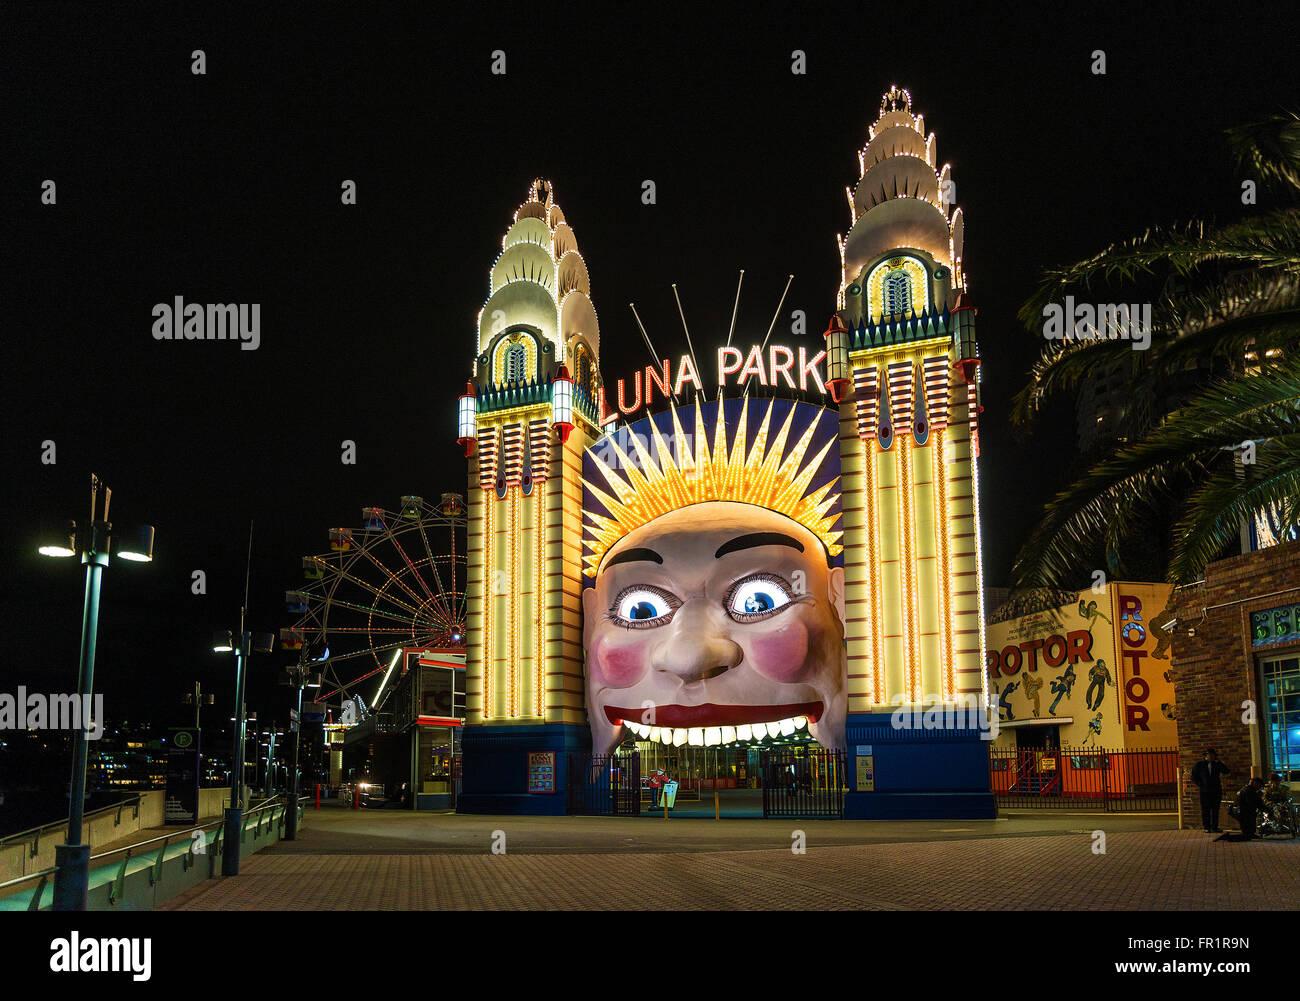 Entrada al parque de atracciones Luna Park en Sydney (Australia) en la noche Imagen De Stock